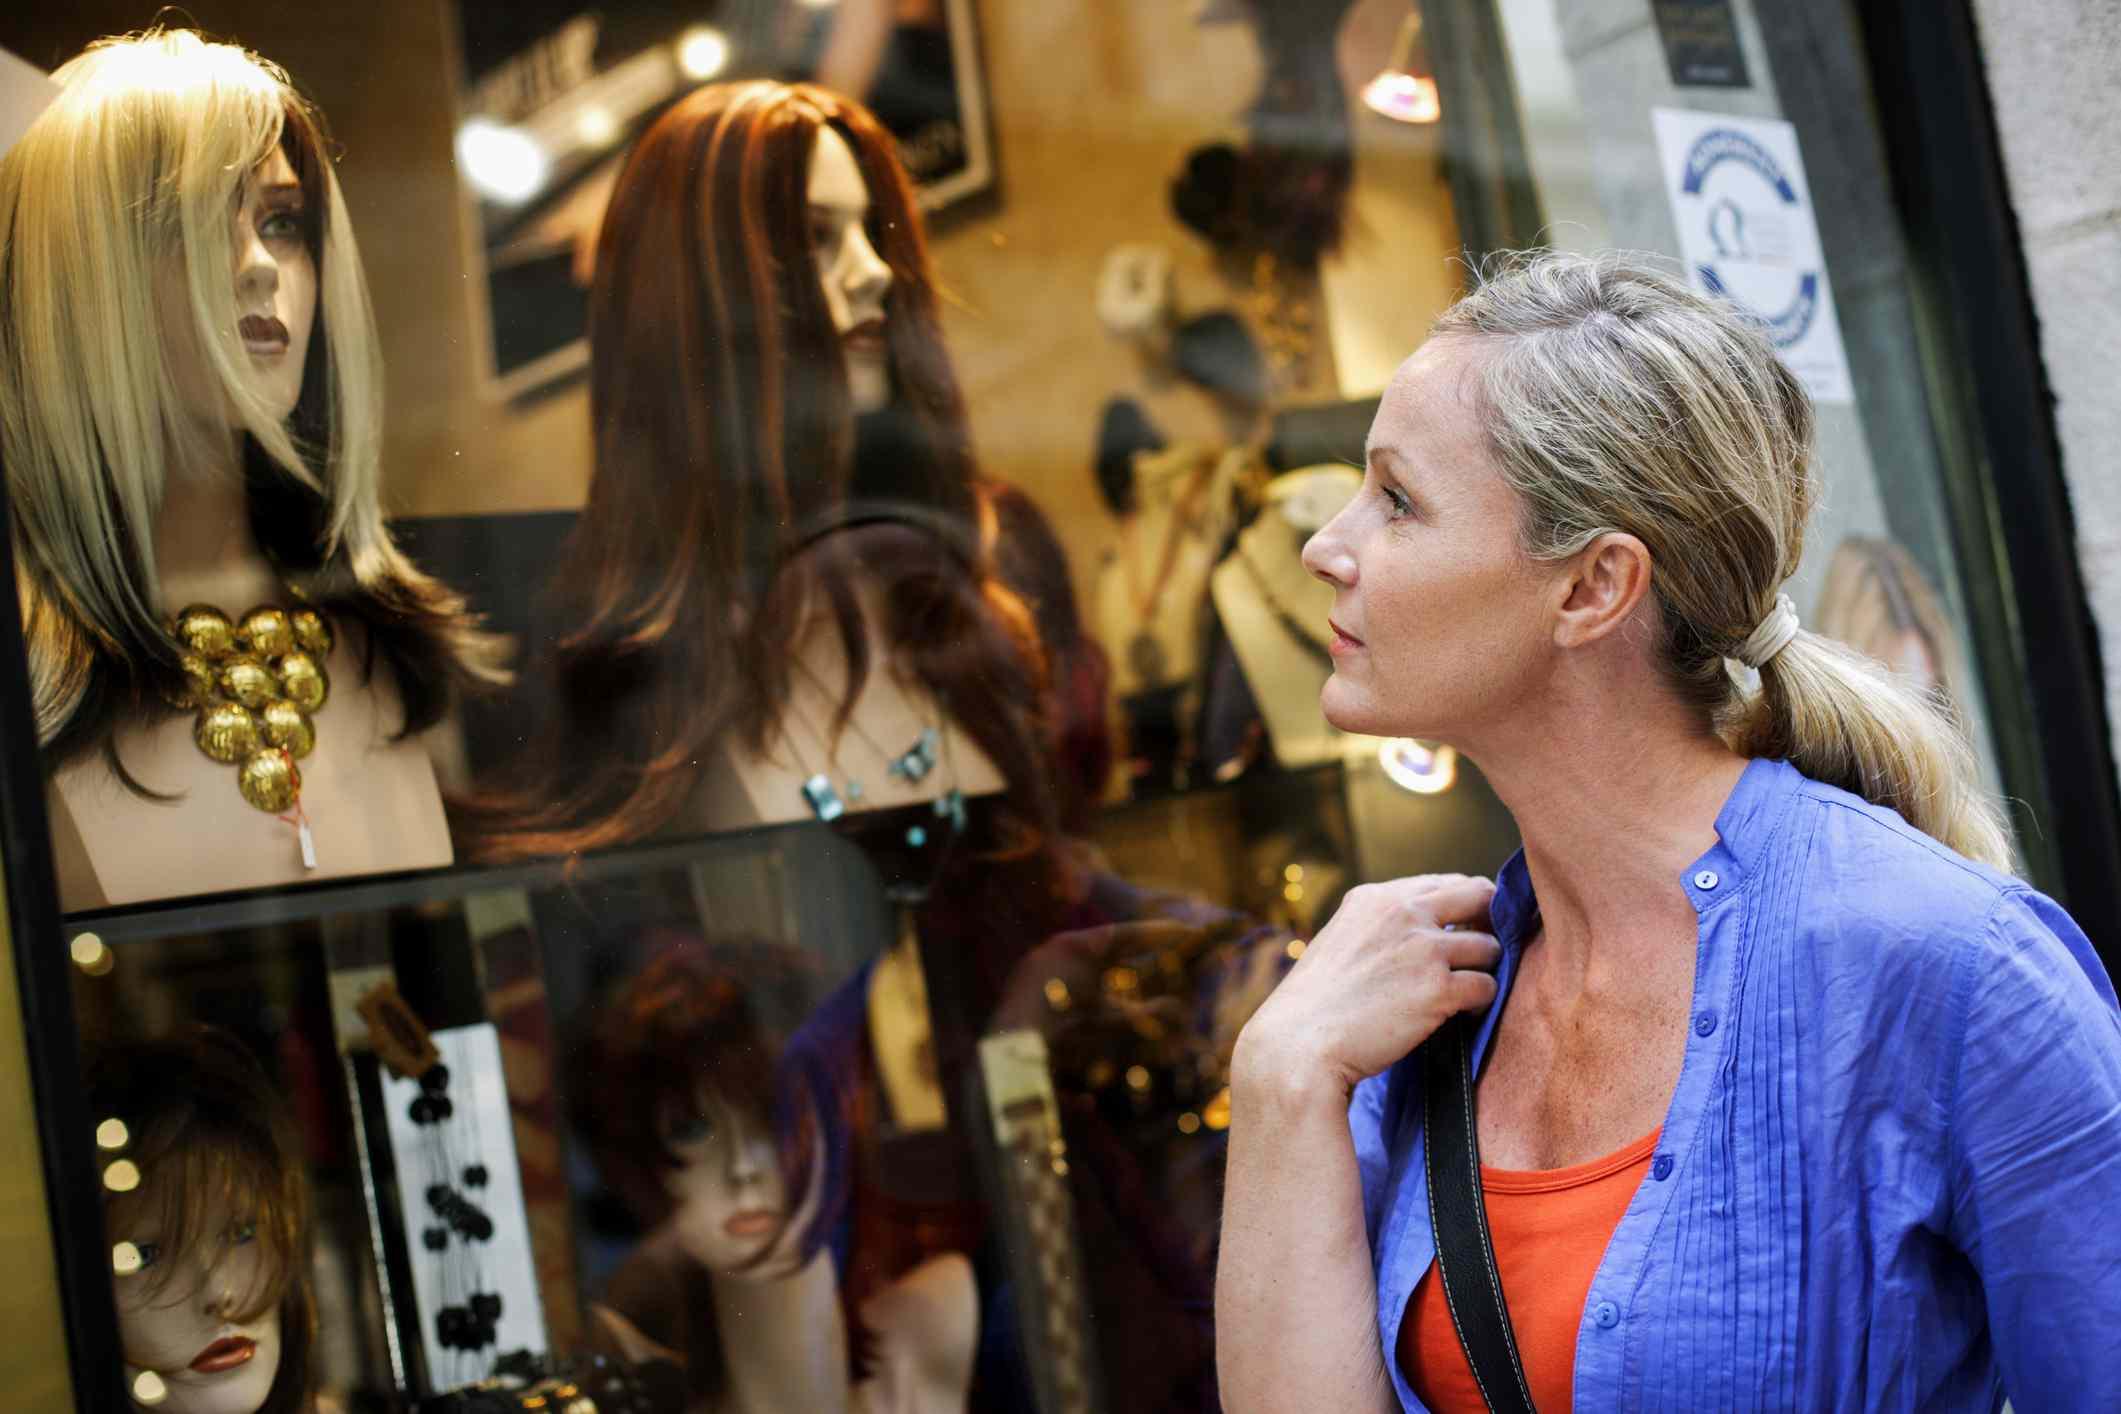 Woman looking in wig shop window